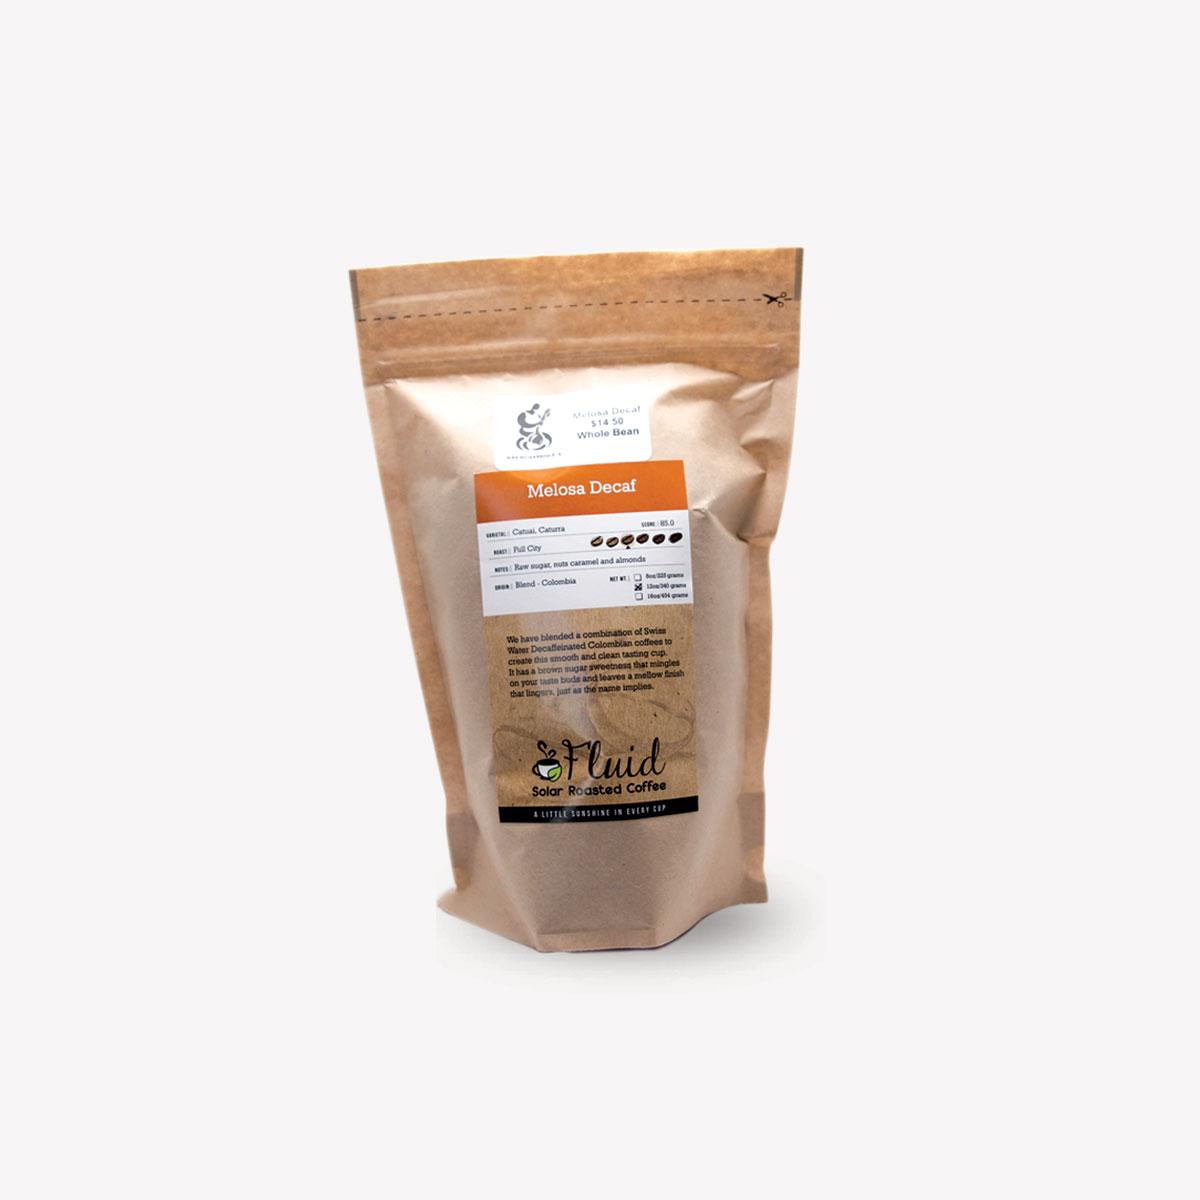 Fluid Solar Roasted Coffee Melosa Decaf Coffee